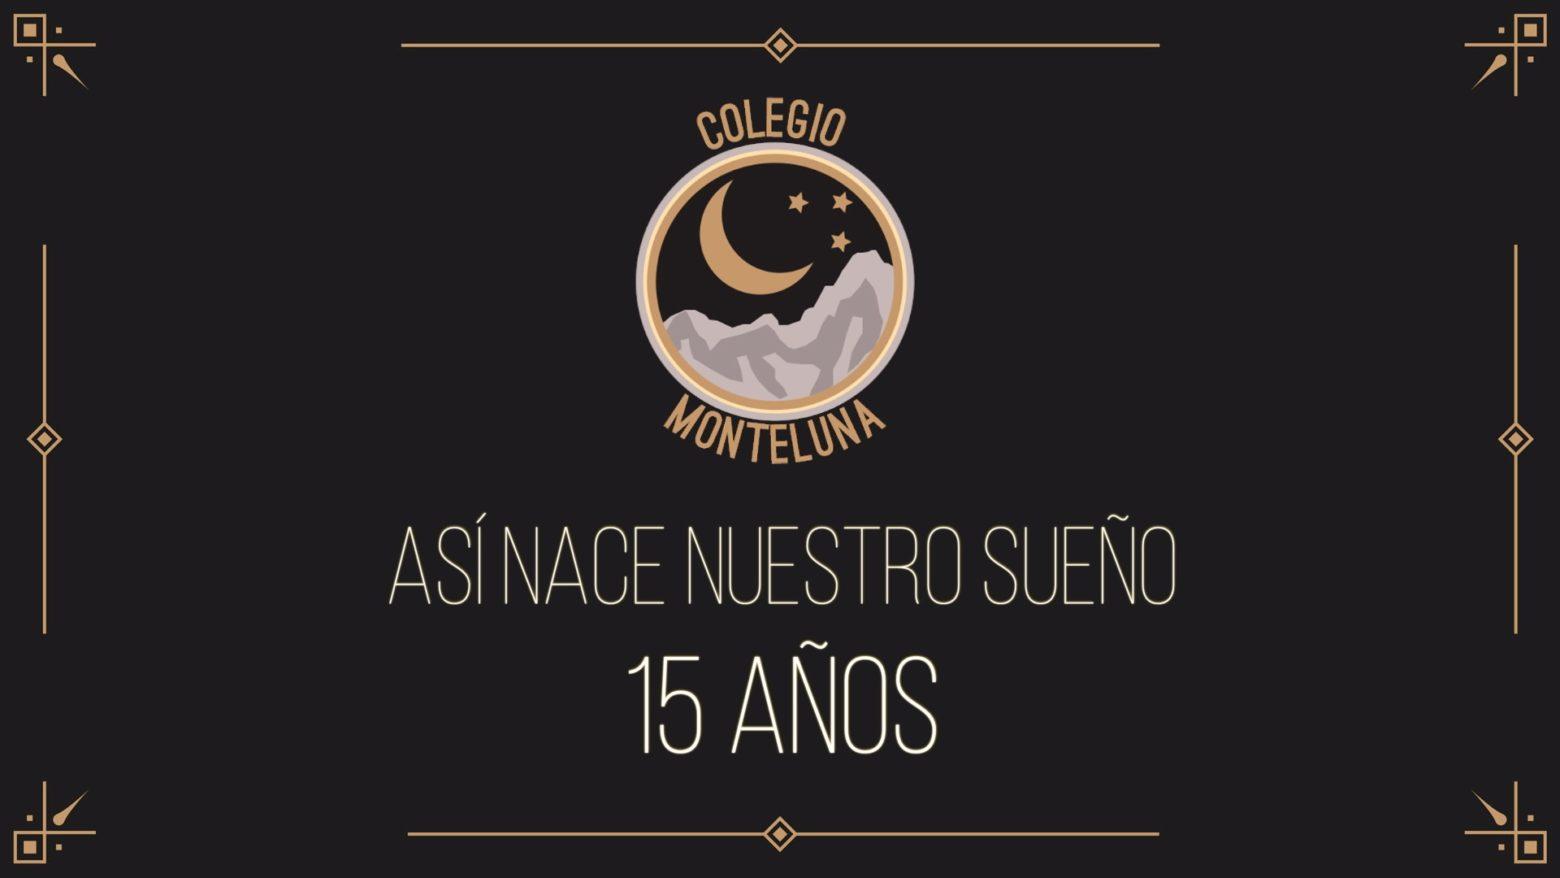 Colegio Monteluna Celebración 15 Años